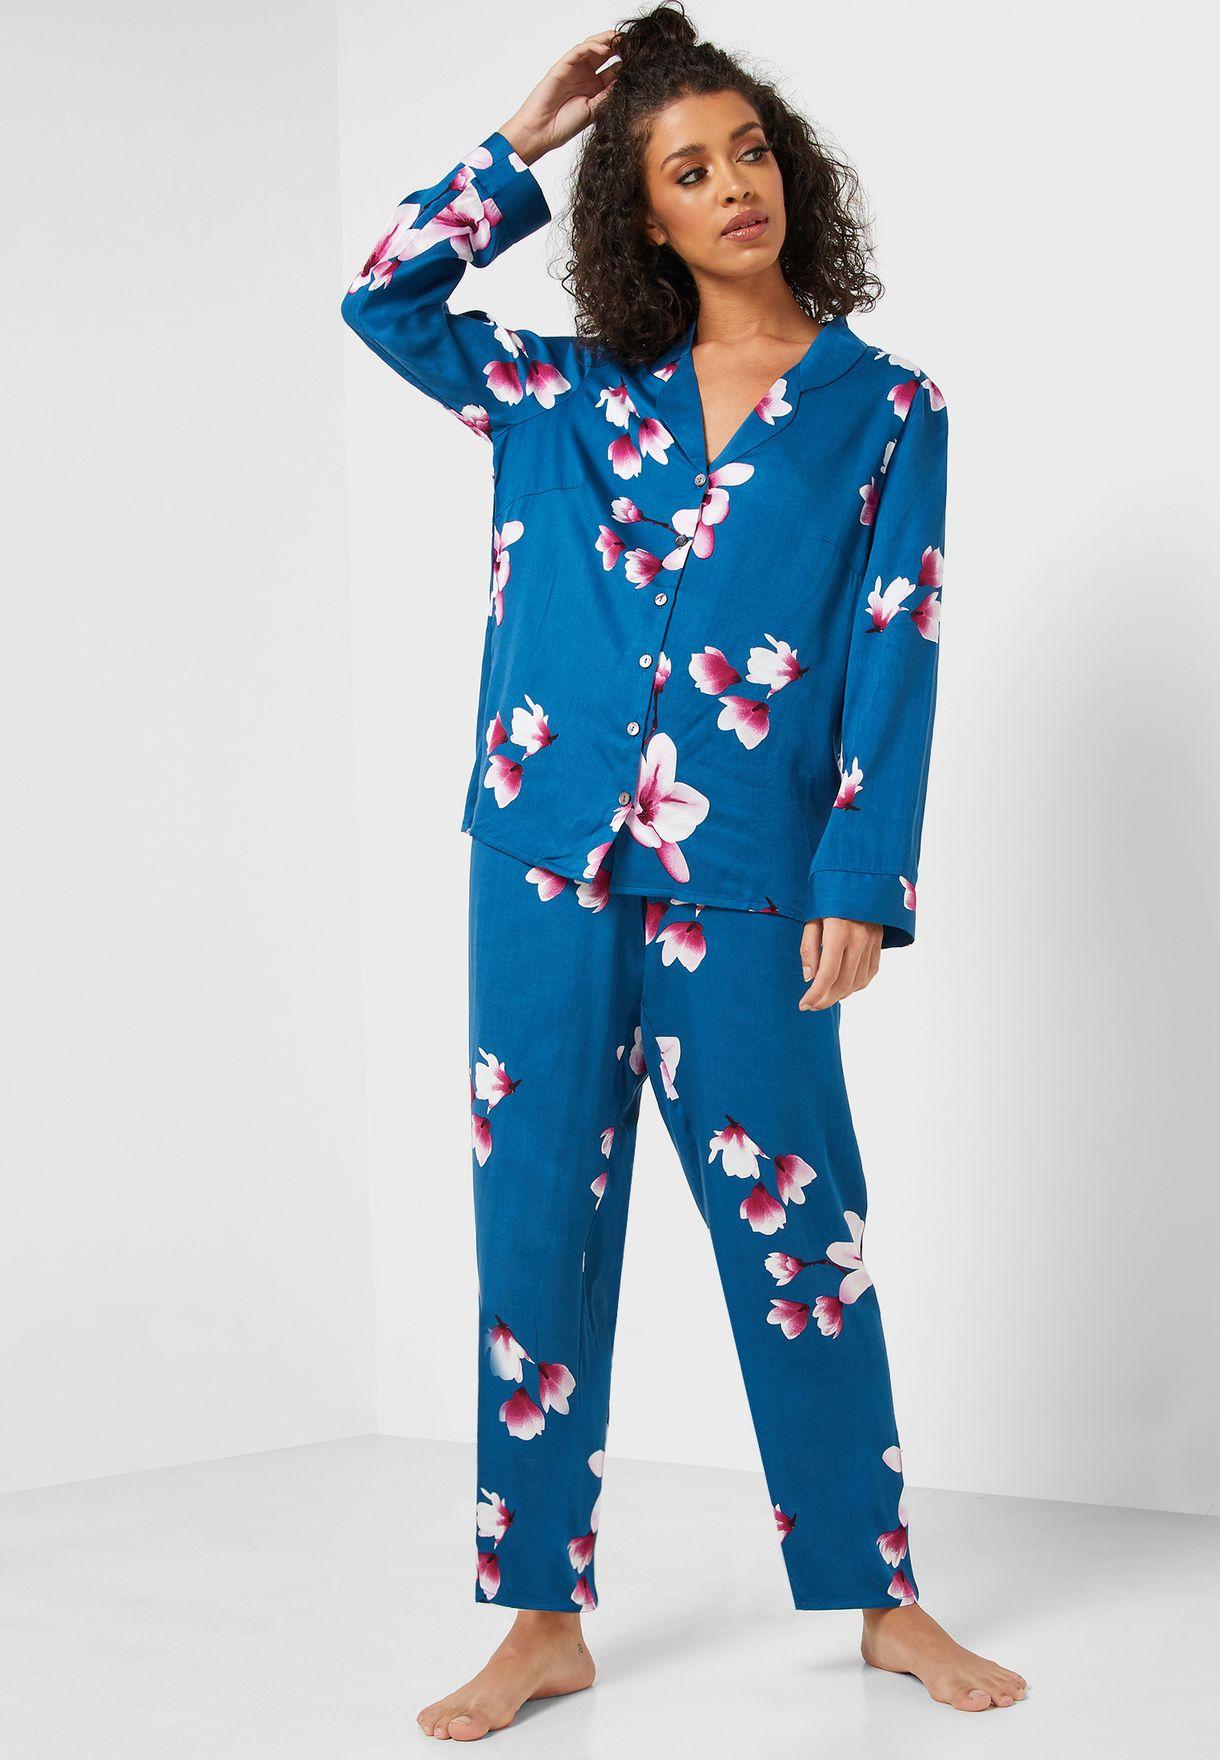 Floral Print Shirt & Pyjama Set